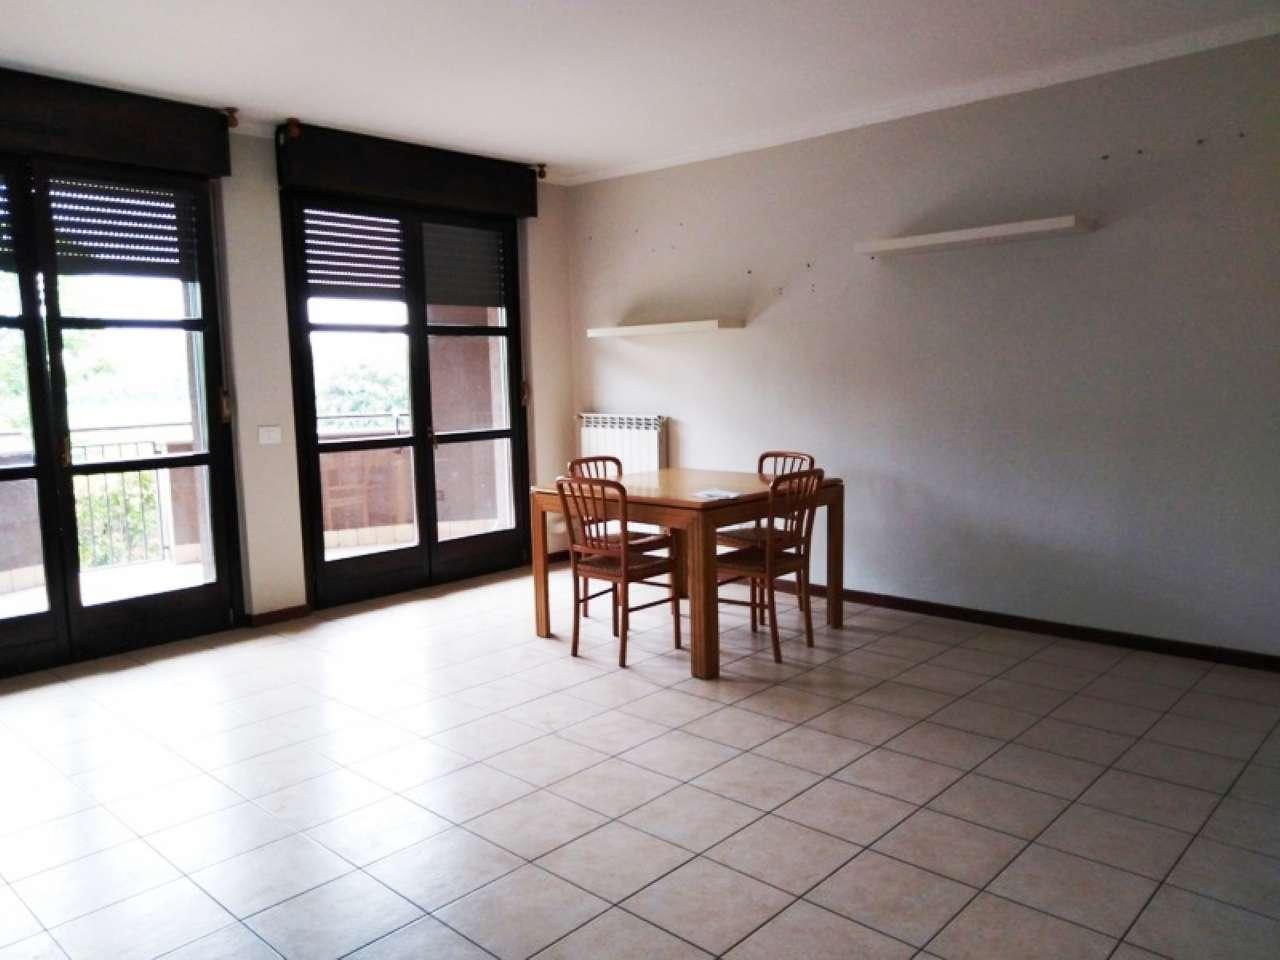 Appartamento in vendita a Muggiò, 2 locali, prezzo € 117.000 | PortaleAgenzieImmobiliari.it